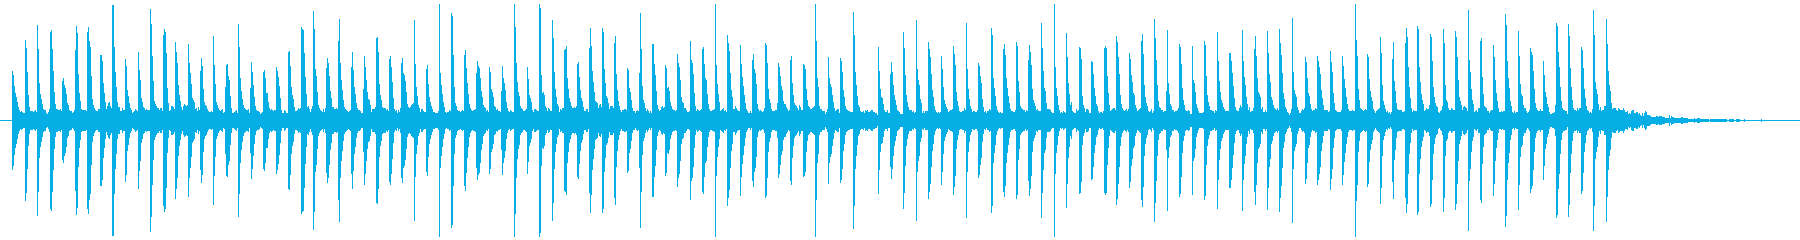 ゲームの待機音の再生済みの波形